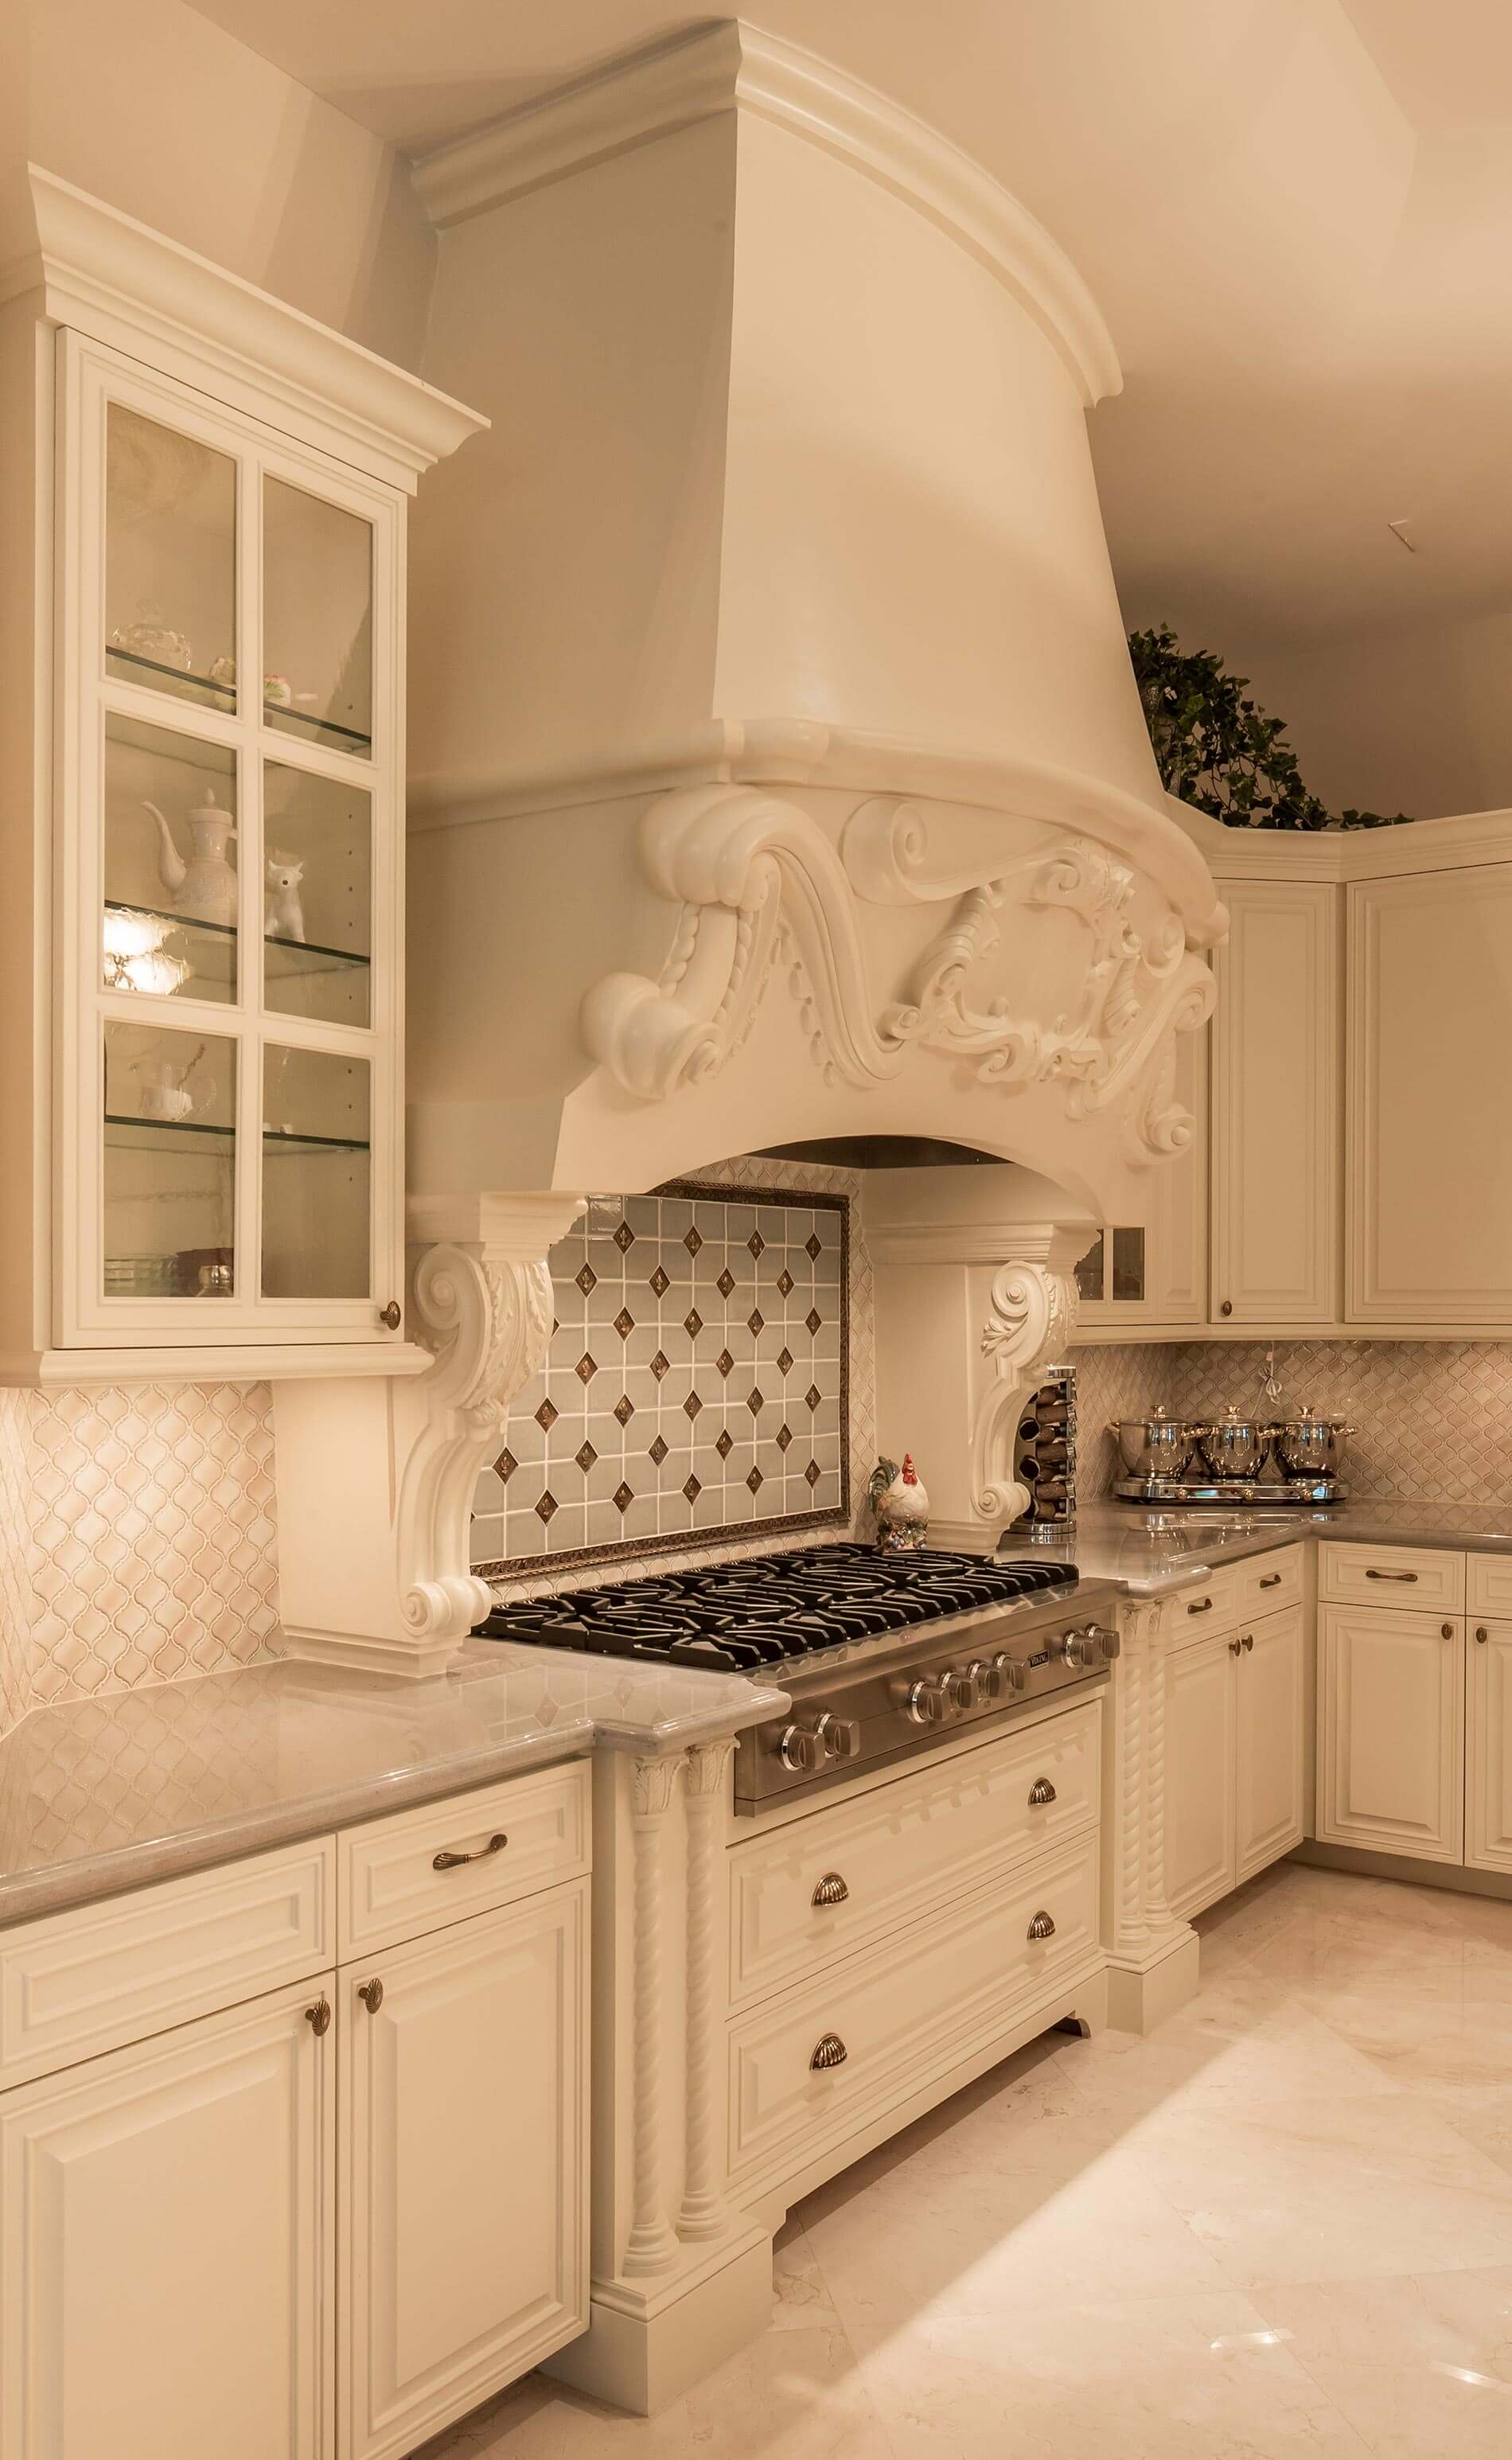 Saddlebrook kitchen custom build houston